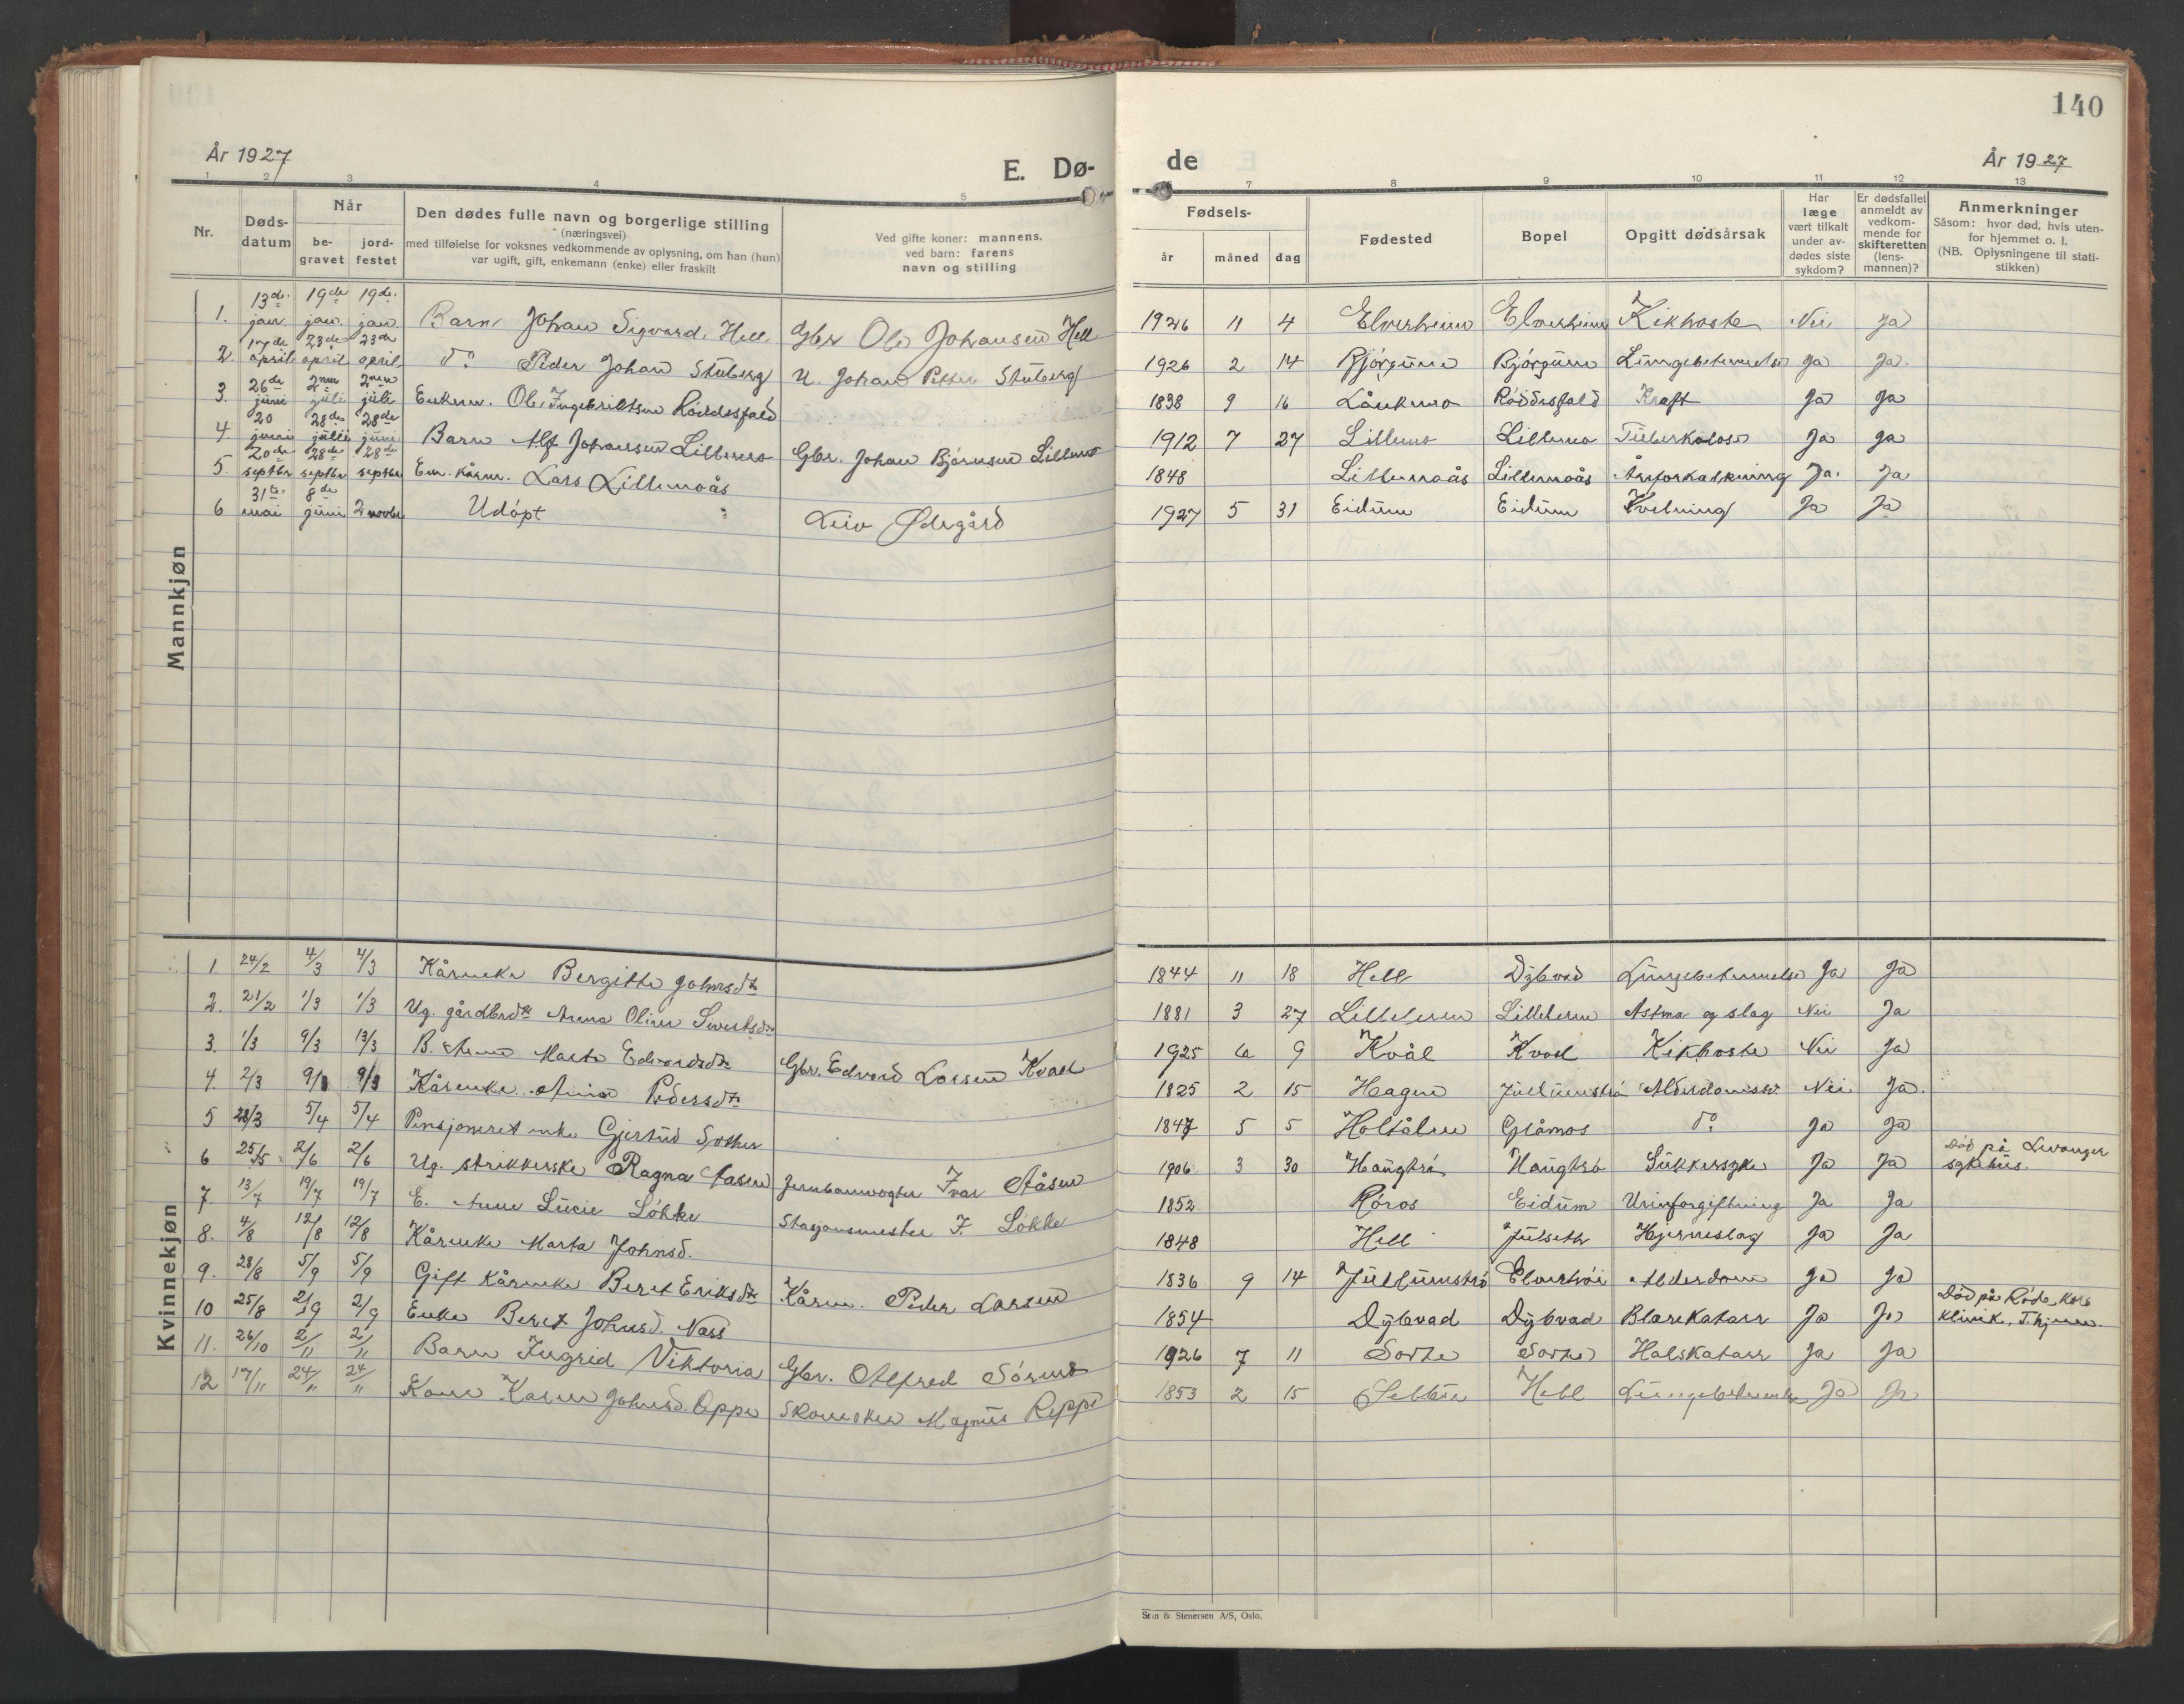 SAT, Ministerialprotokoller, klokkerbøker og fødselsregistre - Nord-Trøndelag, 710/L0097: Klokkerbok nr. 710C02, 1925-1955, s. 140